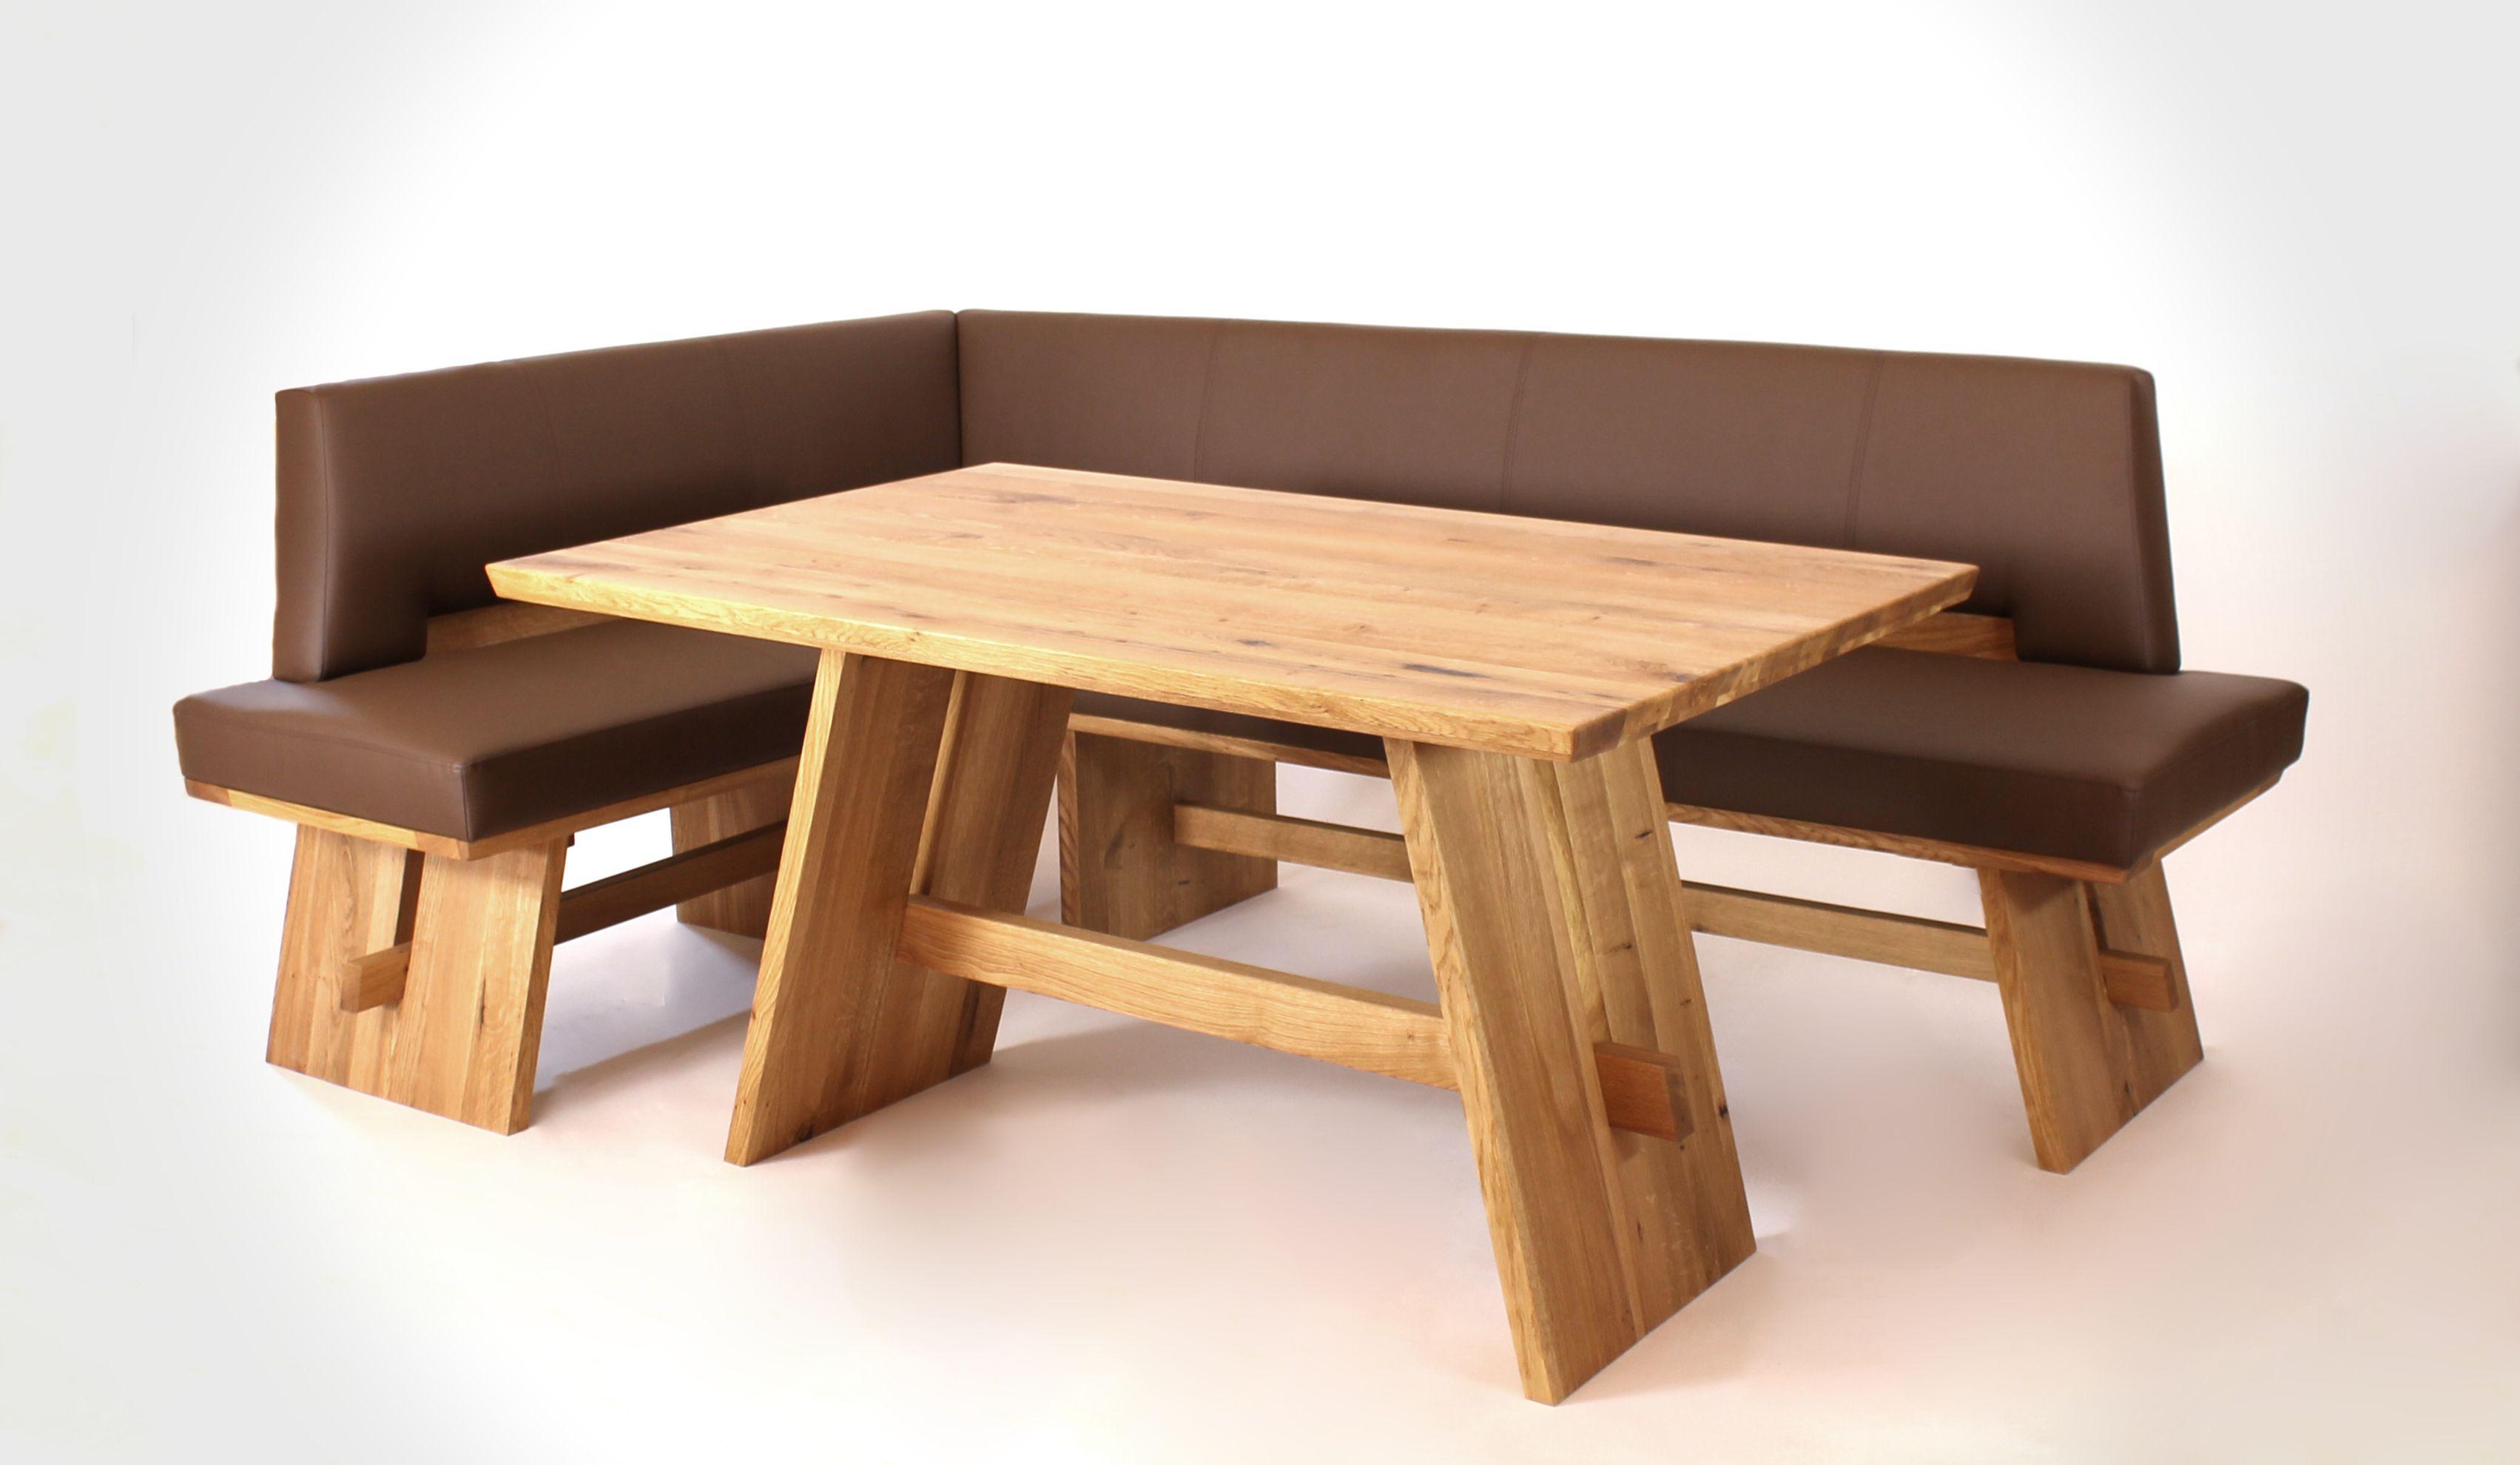 Eckbank modernes design  Modernes Design in Verbindung mit Tradition. Das ist es, was diese ...